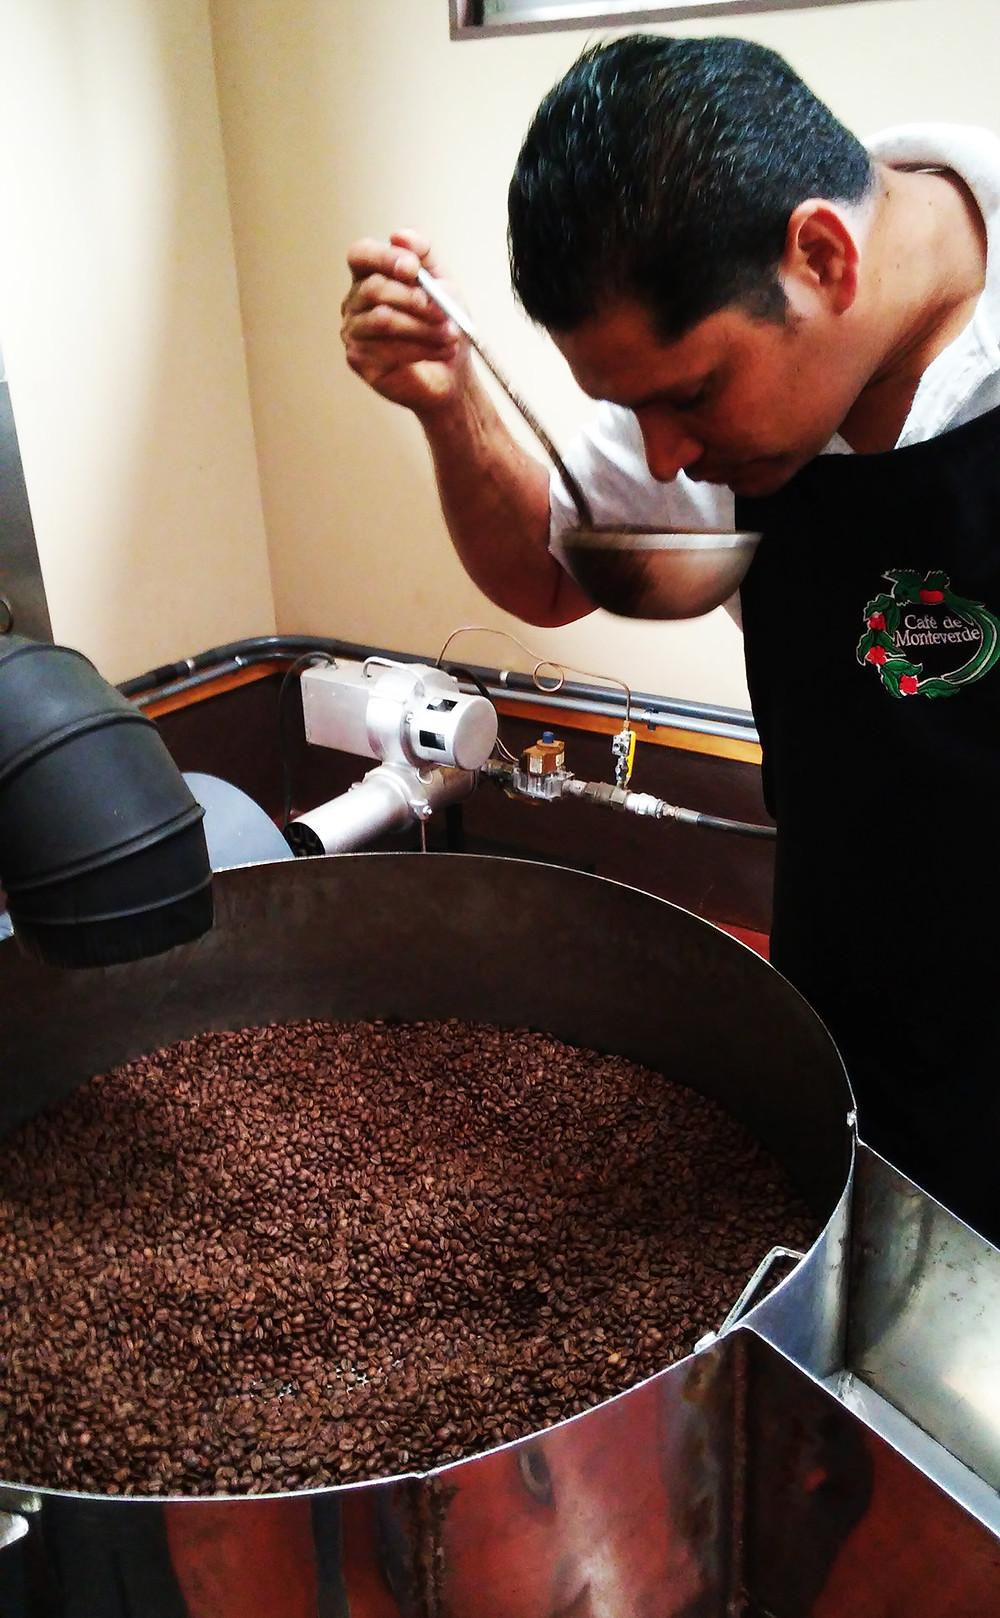 Proceso de Tostado del café